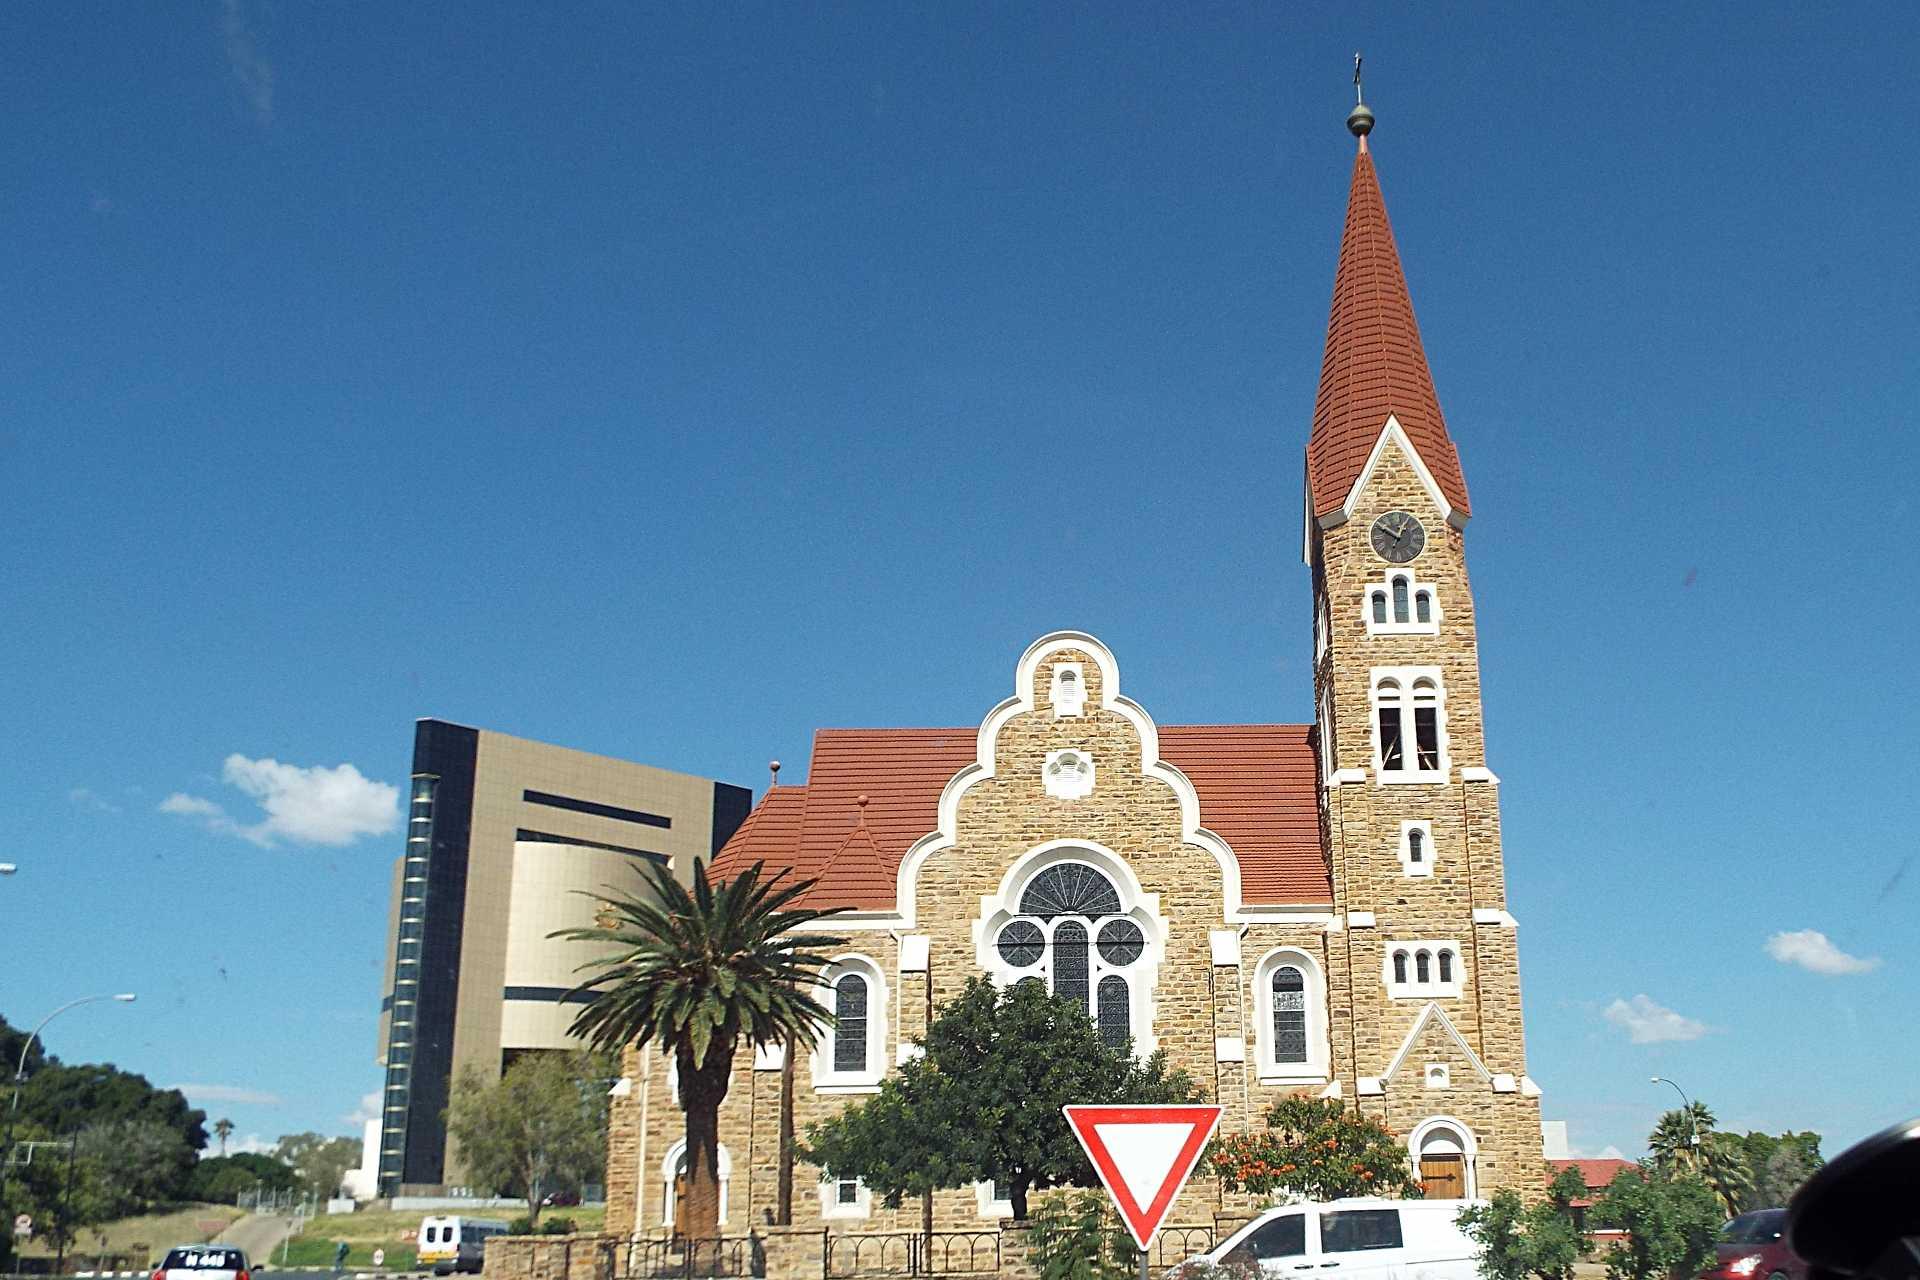 Windhoek - Les bâtiments historiques